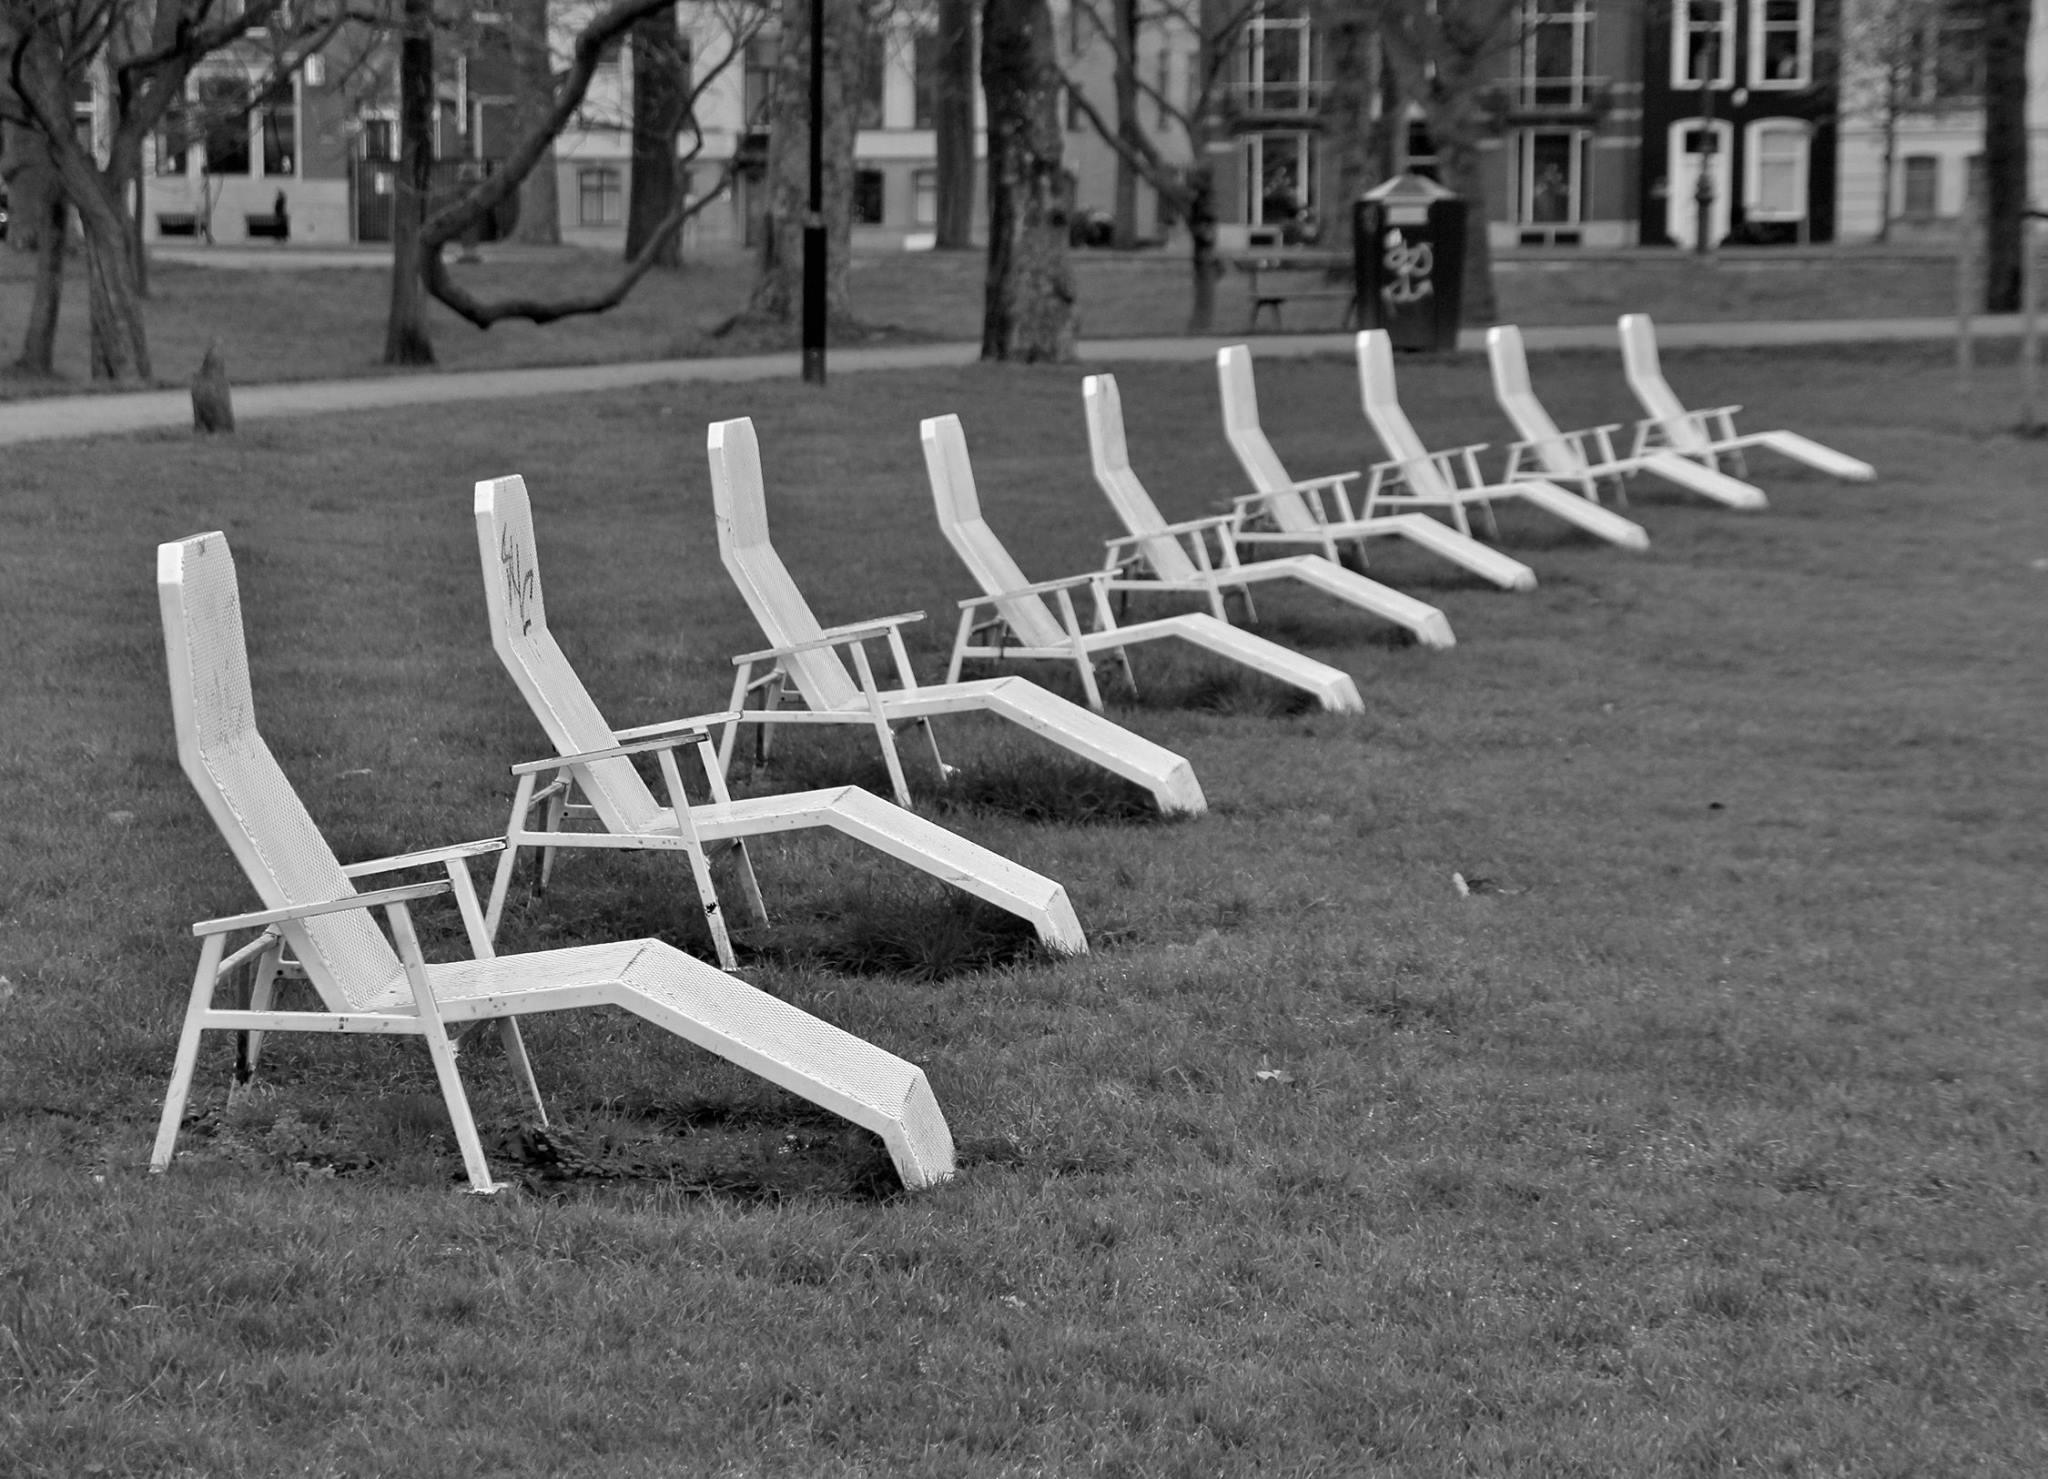 De stalen ligstoelen in park Lepelenburg vormen een mooie curve naar rechtsboven